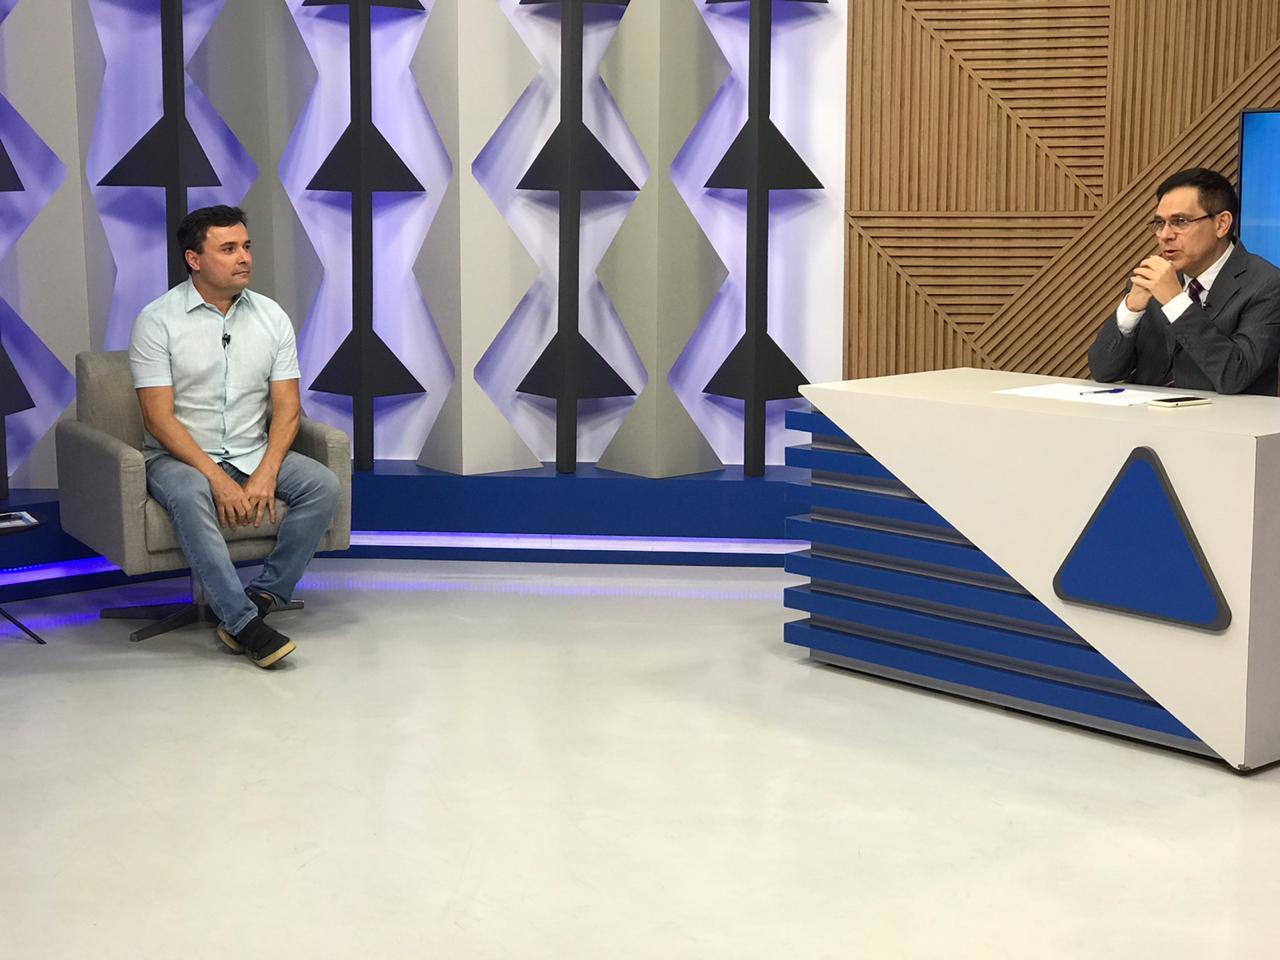 Fábio Novo durante sabatina no Jornal Agora (Meionorte.com)